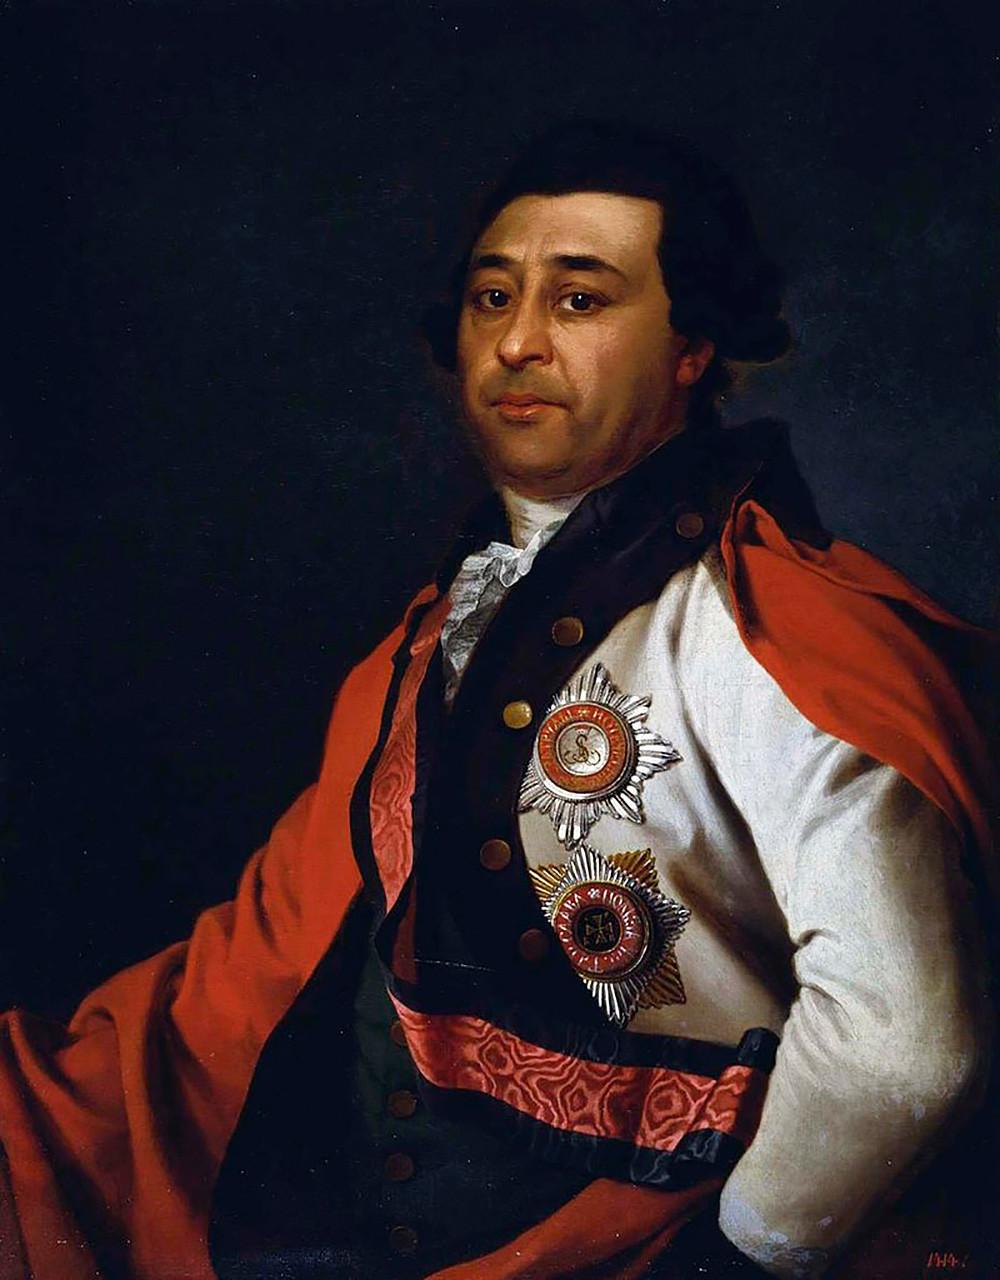 『イワン・ガンニバルの肖像画』(アブラム・ガンニバルの息子)、ドミートリー・レヴィツキー